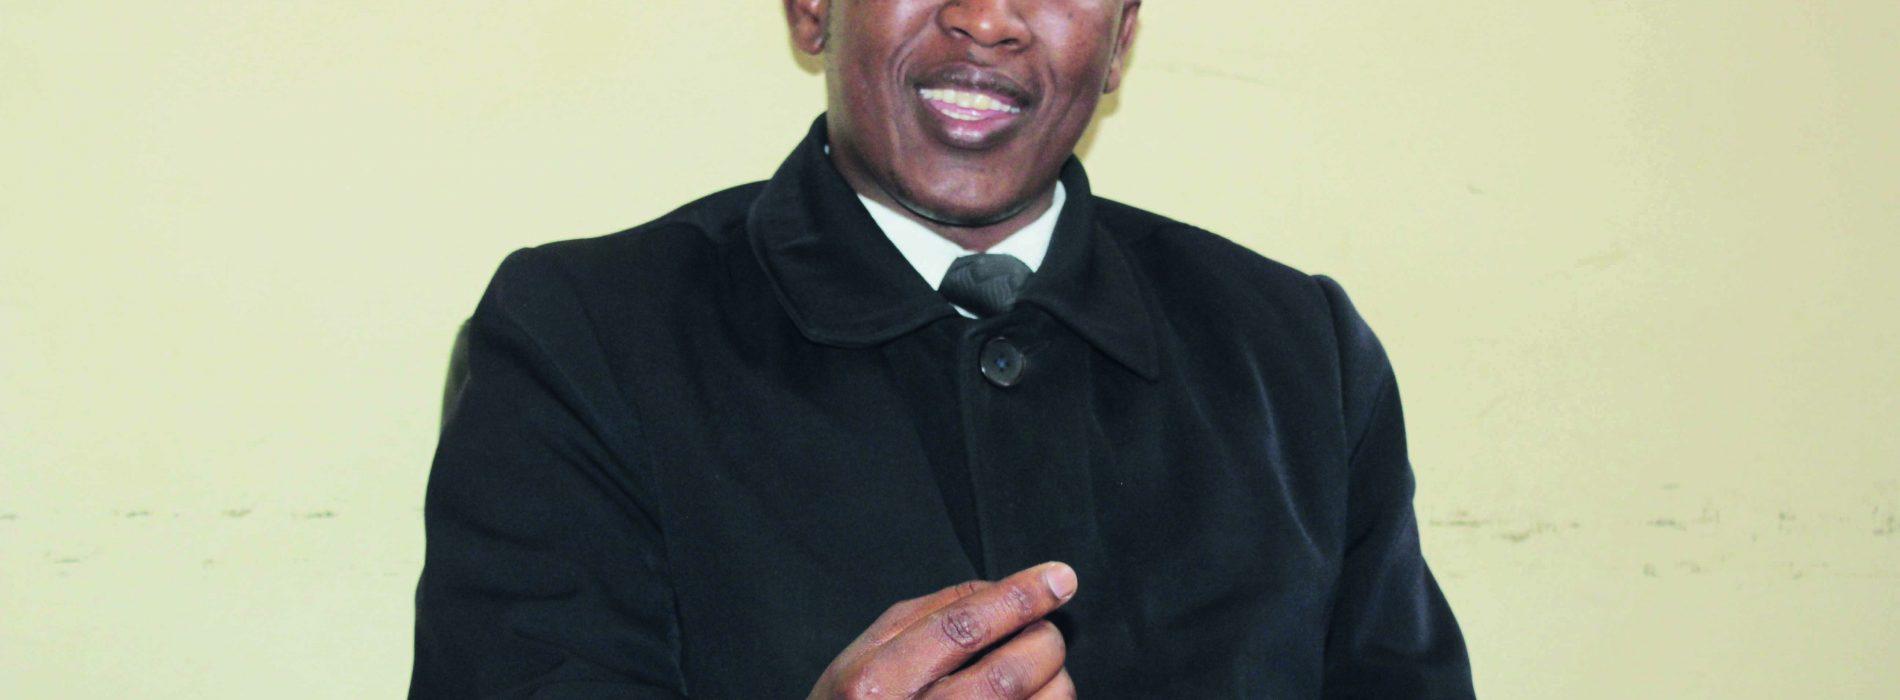 Court interpreters threaten to sue